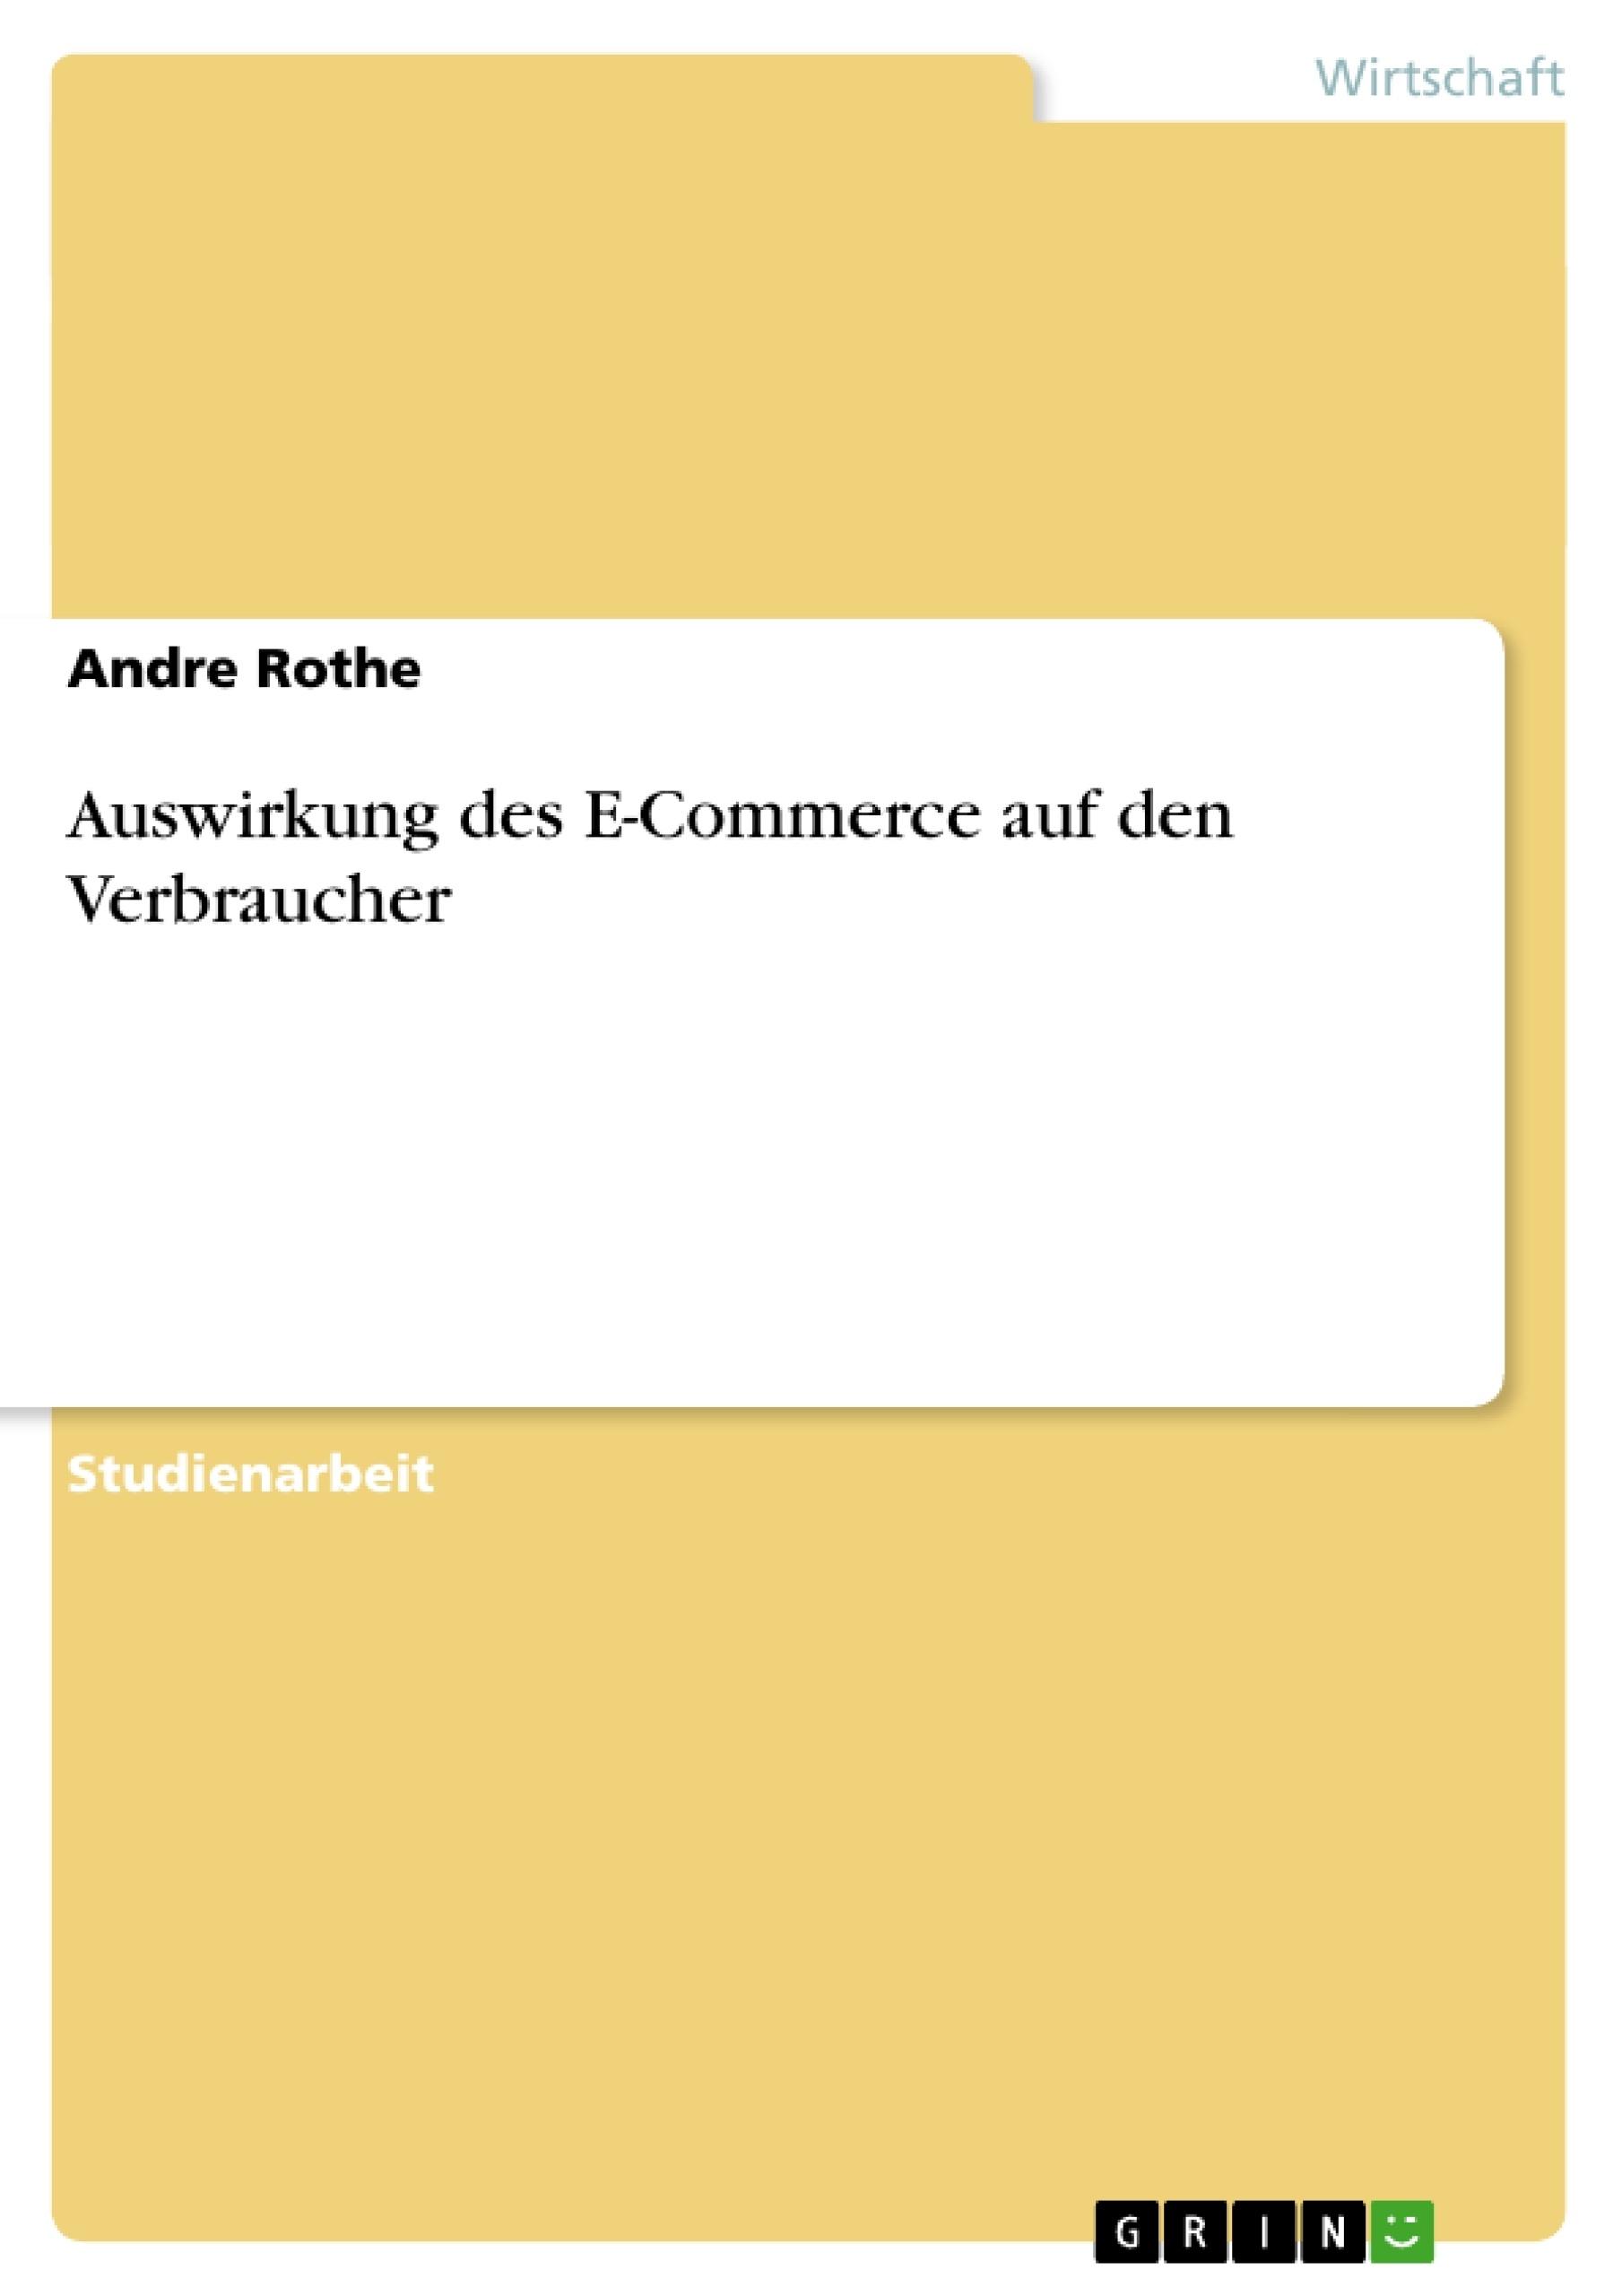 Titel: Auswirkung des E-Commerce auf den Verbraucher